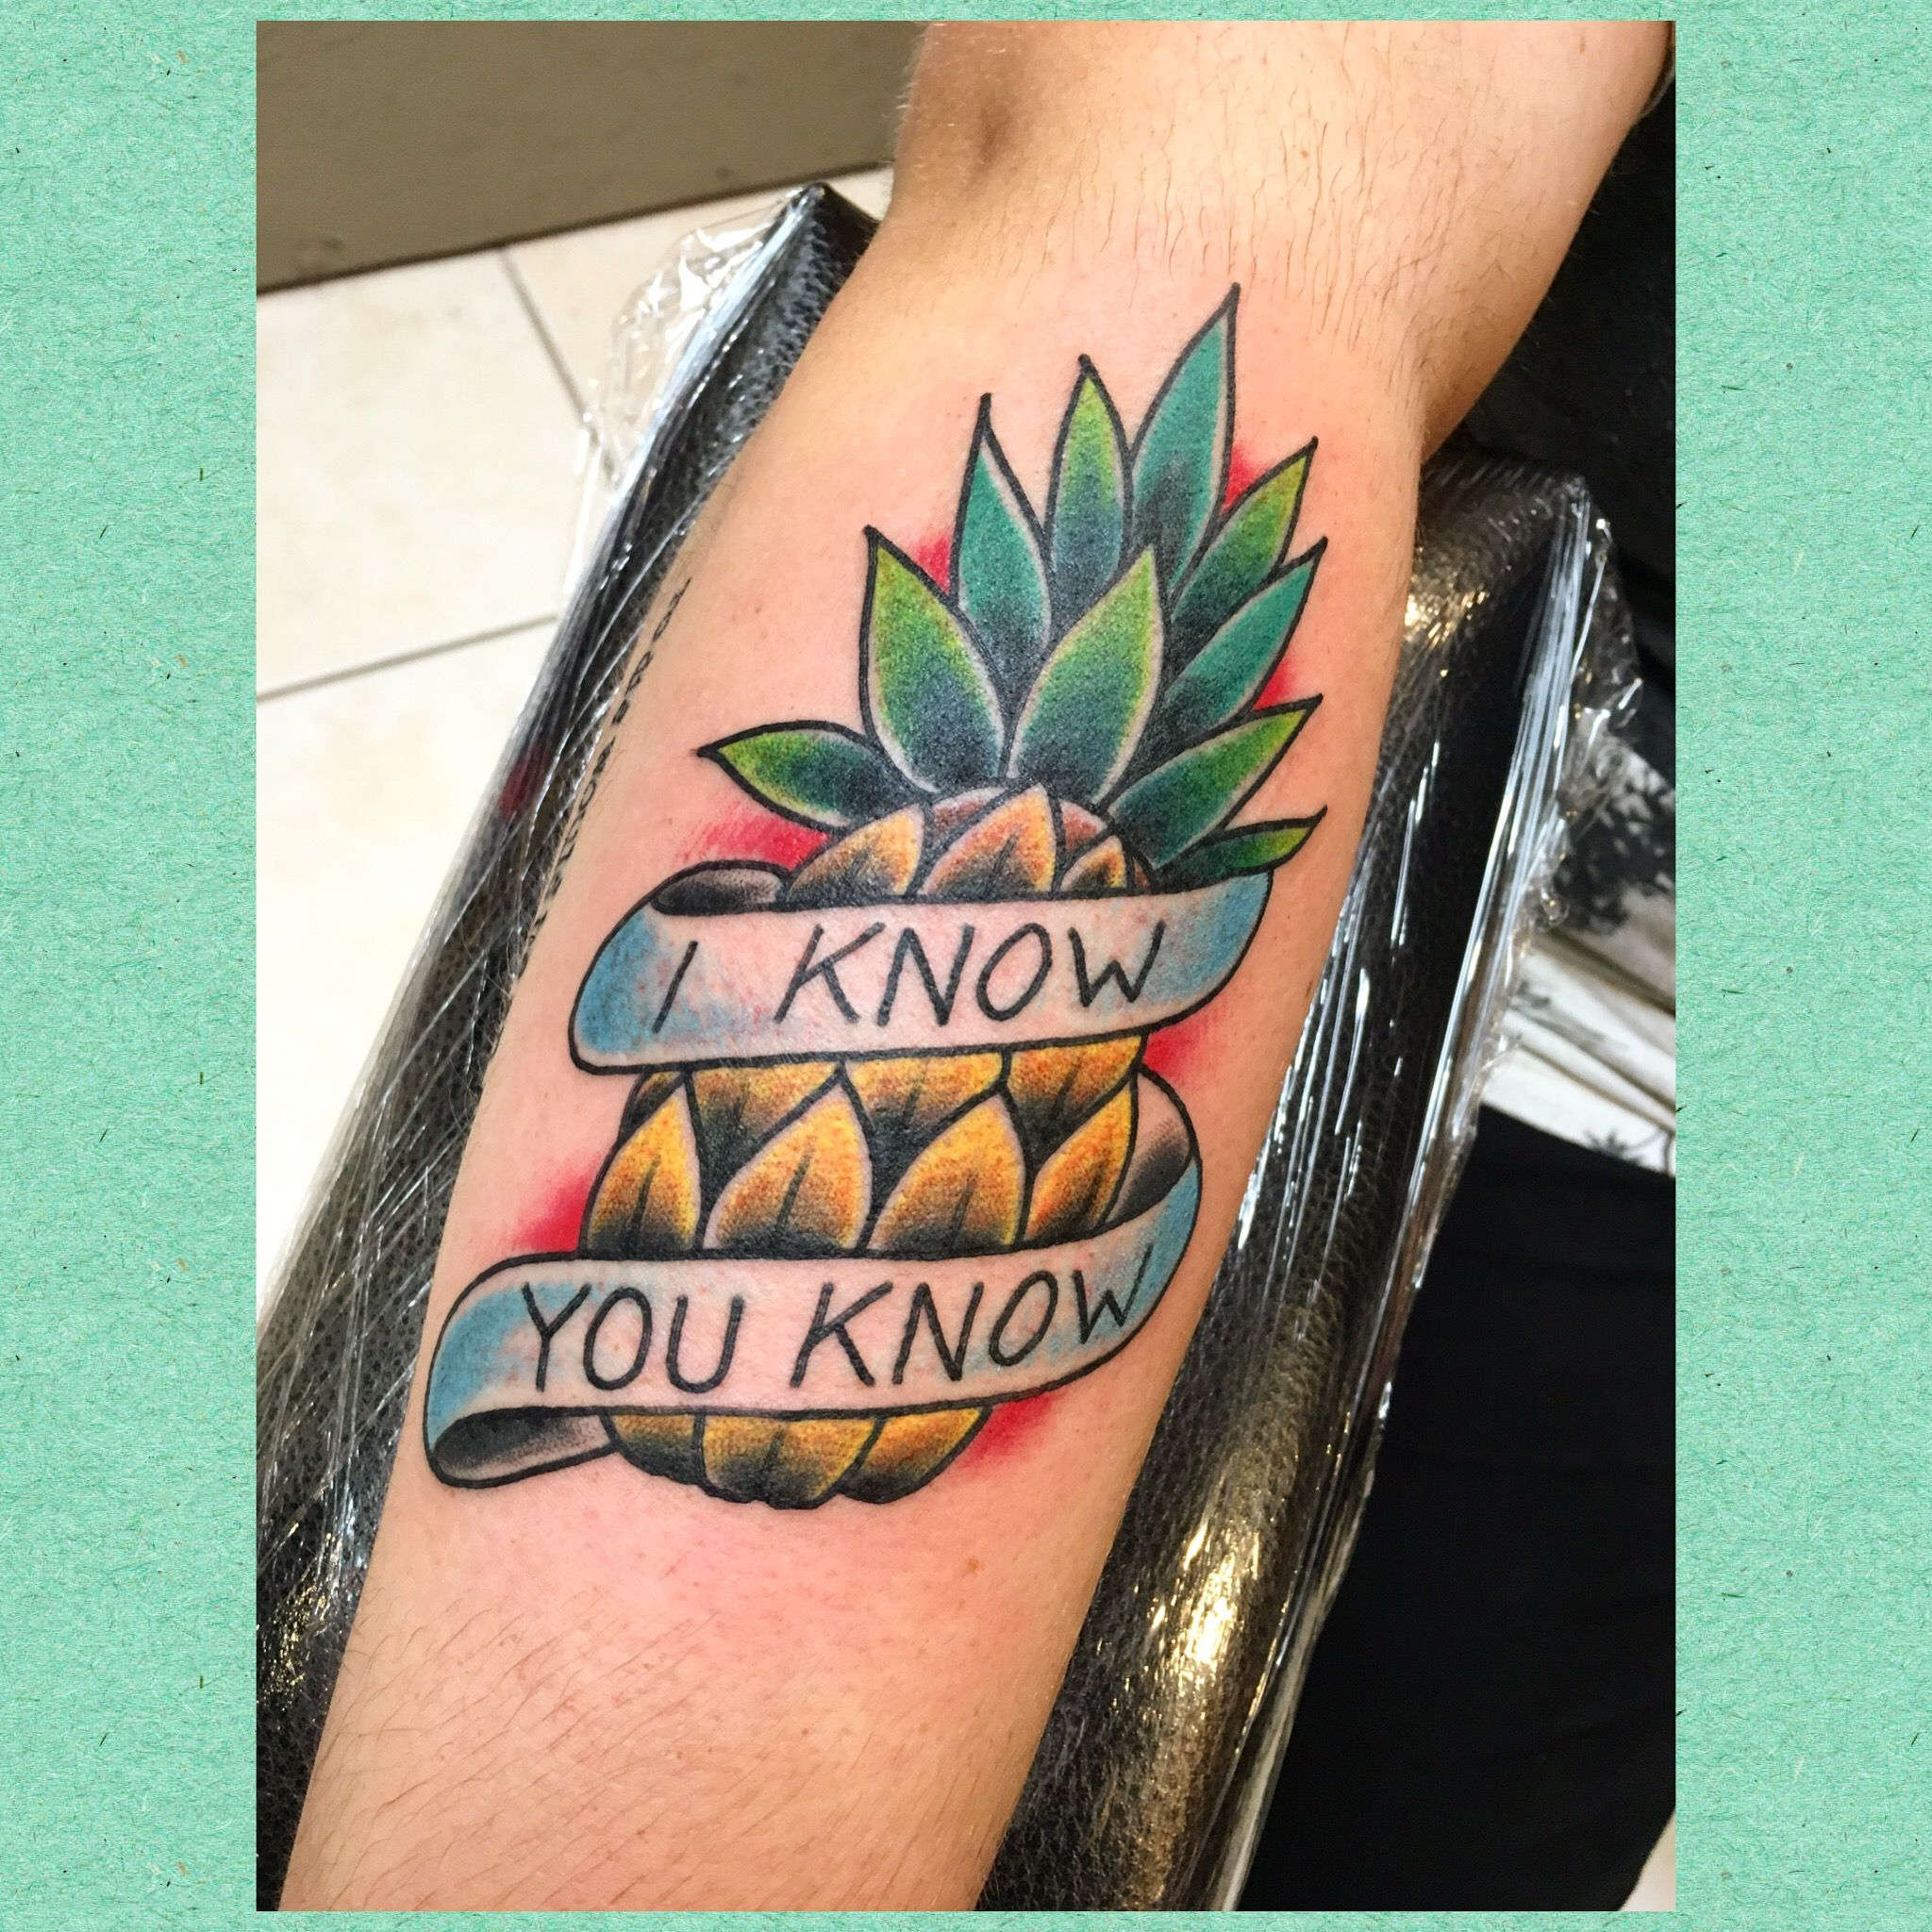 Psych Usa Tattoo Tattoo Psychusa Pineapple Pineappletattoo Pineapple Tattoo Body Art Tattoos Jewelry Tattoo